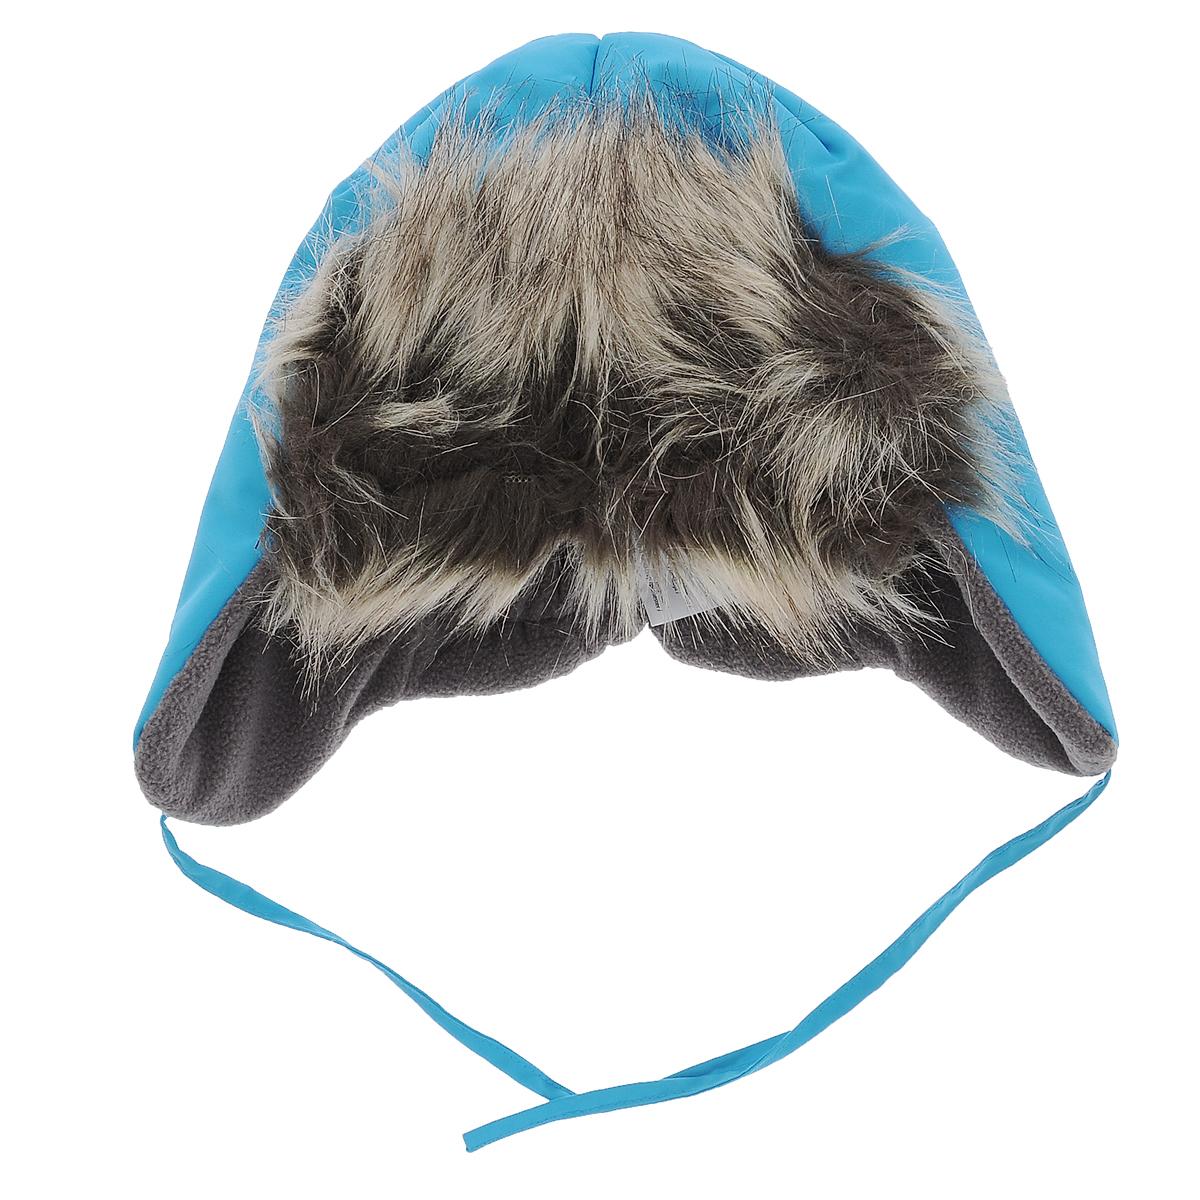 Шапка детская. 718643718643_3390Комфортная зимняя детская шапка-ушанка Lassie идеально подойдет для прогулок в холодное время года, защищая ушки и лоб ребенка от ветра. Шапка, выполненная из современной ветрозащитной ткани со специальной обработкой, отталкивающей грязь и влагу, с наполнителем из синтепона. Благодаря специальной дышащей обработке влага выводится на внешнюю поверхность, что обуславливает комфортность изделия. Мягкая подкладка из флиса хорошо сохраняет тепло и обладает отличной гигроскопичностью (не впитывает влагу, но проводит ее). Козырек изготовлен из искусственного меха. На ушках имеются завязки, позволяющие зафиксировать шапку под подбородком. На затылке изделие стянуто на эластичные резинки для лучшего прилегания к голове и дополнено светоотражающим элементом. Оригинальный дизайн и яркая расцветка делают эту шапку модным и стильным предметом детского гардероба. В ней ваш ребенок будет чувствовать себя уютно и комфортно и всегда будет в центре внимания! ...